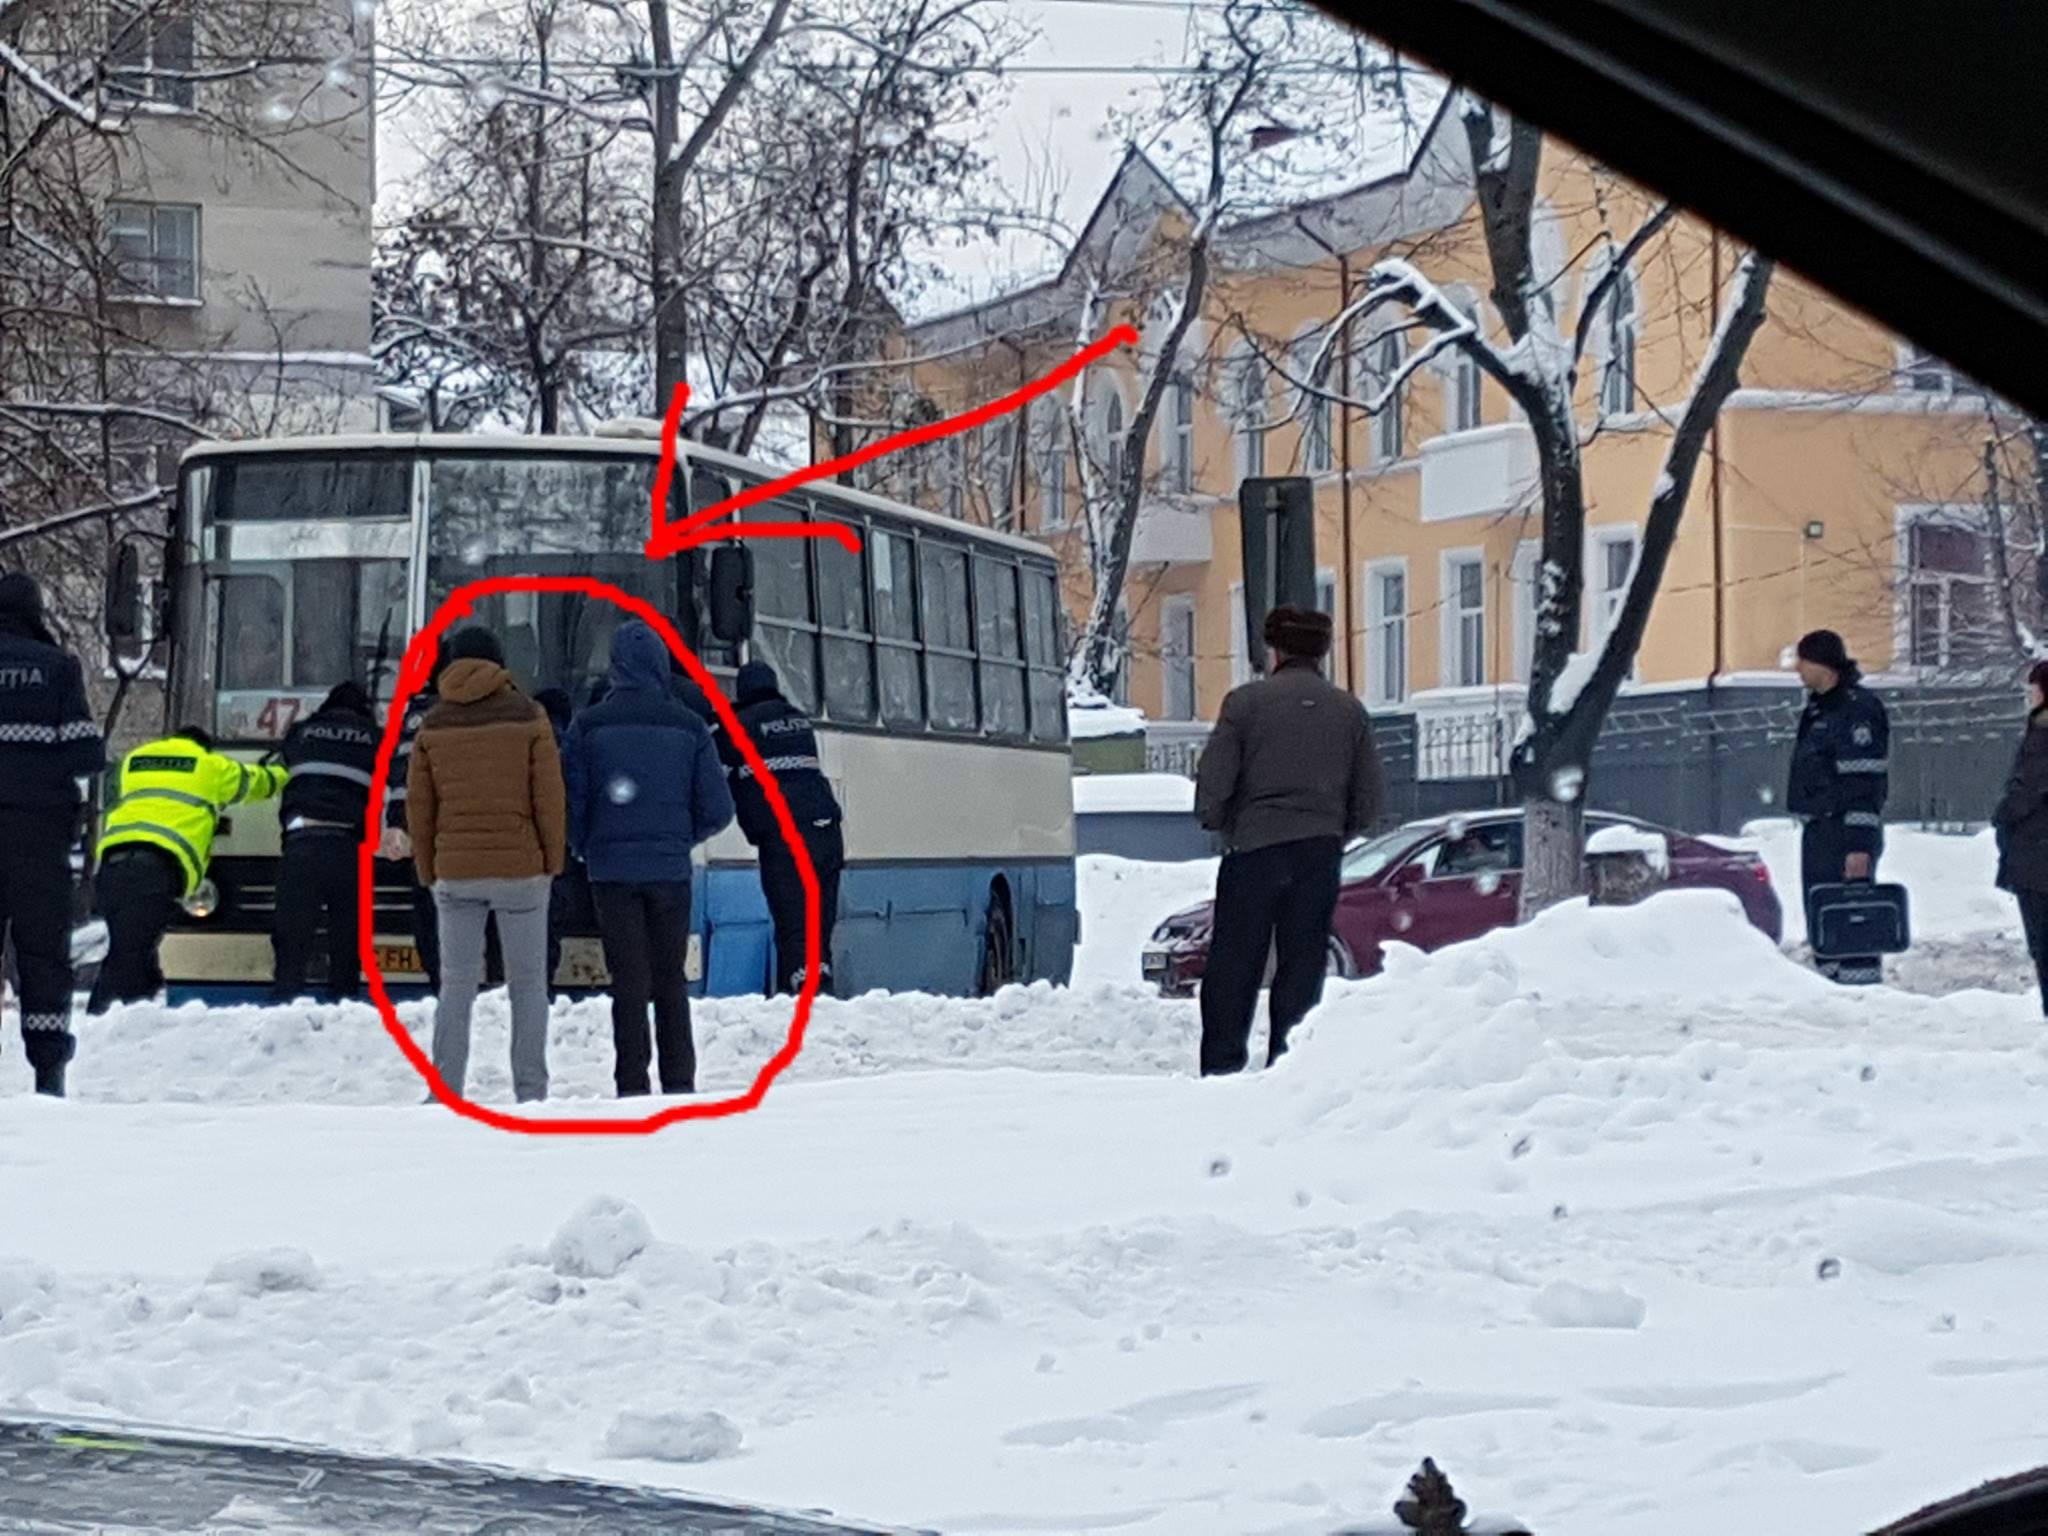 orasul chisinau, doi tineri s-au oprit și privesc cum mai mulți polițiști ajută un autocar blocat în zăpadă